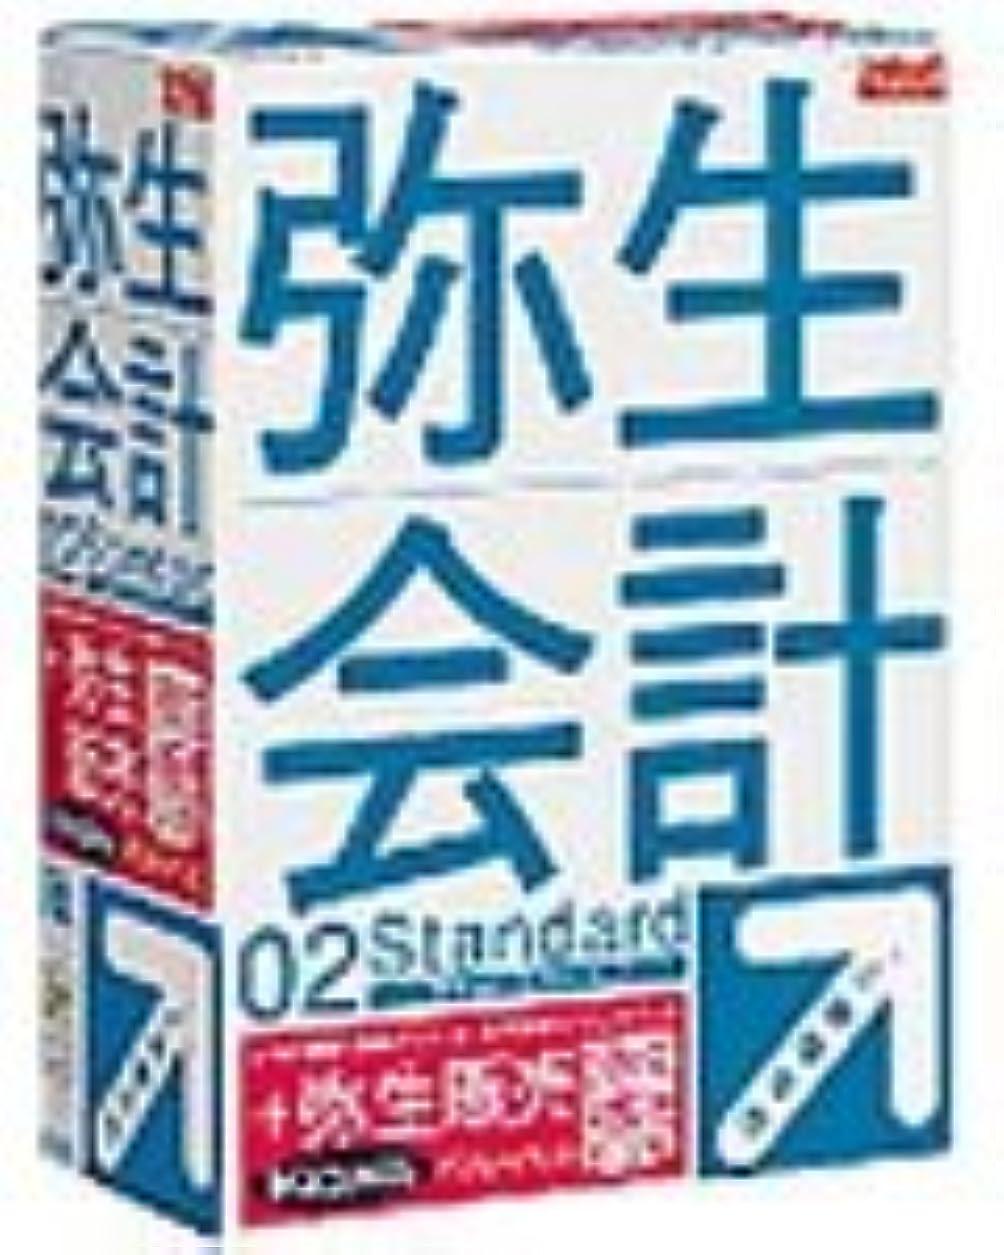 リム地図予報【旧商品】弥生会計 02 Standard バリューパック